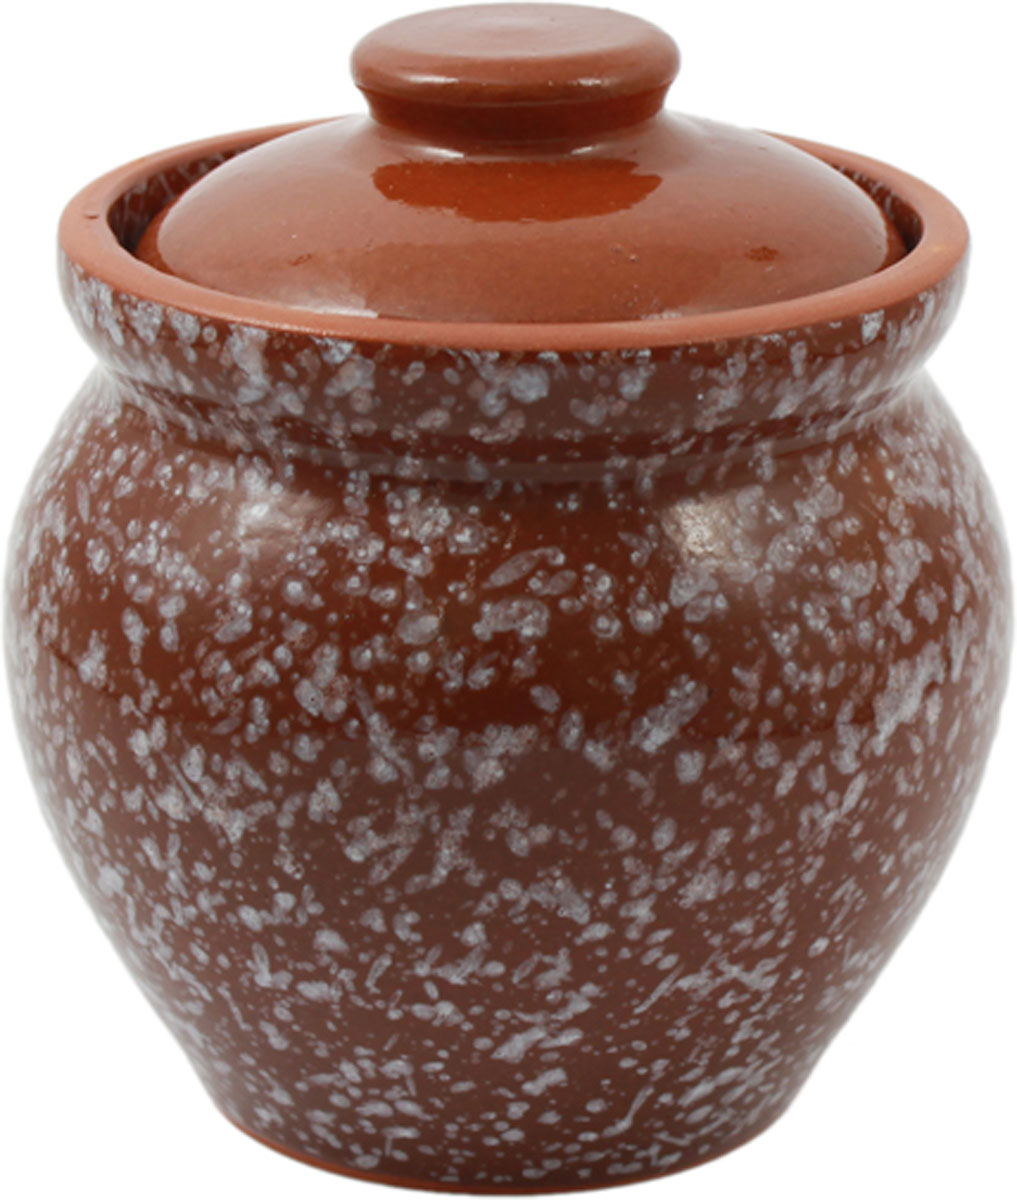 Горшочек для запекания Ломоносовская керамика, 400 мл1Г3мк-10Горшок для запекания Ломоносовская керамика с крышкой выполнен из высококачественной глины. Уникальные свойства глины и толстые стенки изделия обеспечивают эффект русской печи при приготовлении блюд. Блюда, приготовленные в керамическом горшке, получаются нежными и сочными. Вы сможете приготовить мясо, сделать томленые овощи и все это без капли масла. Это один из самых здоровых способов готовки.